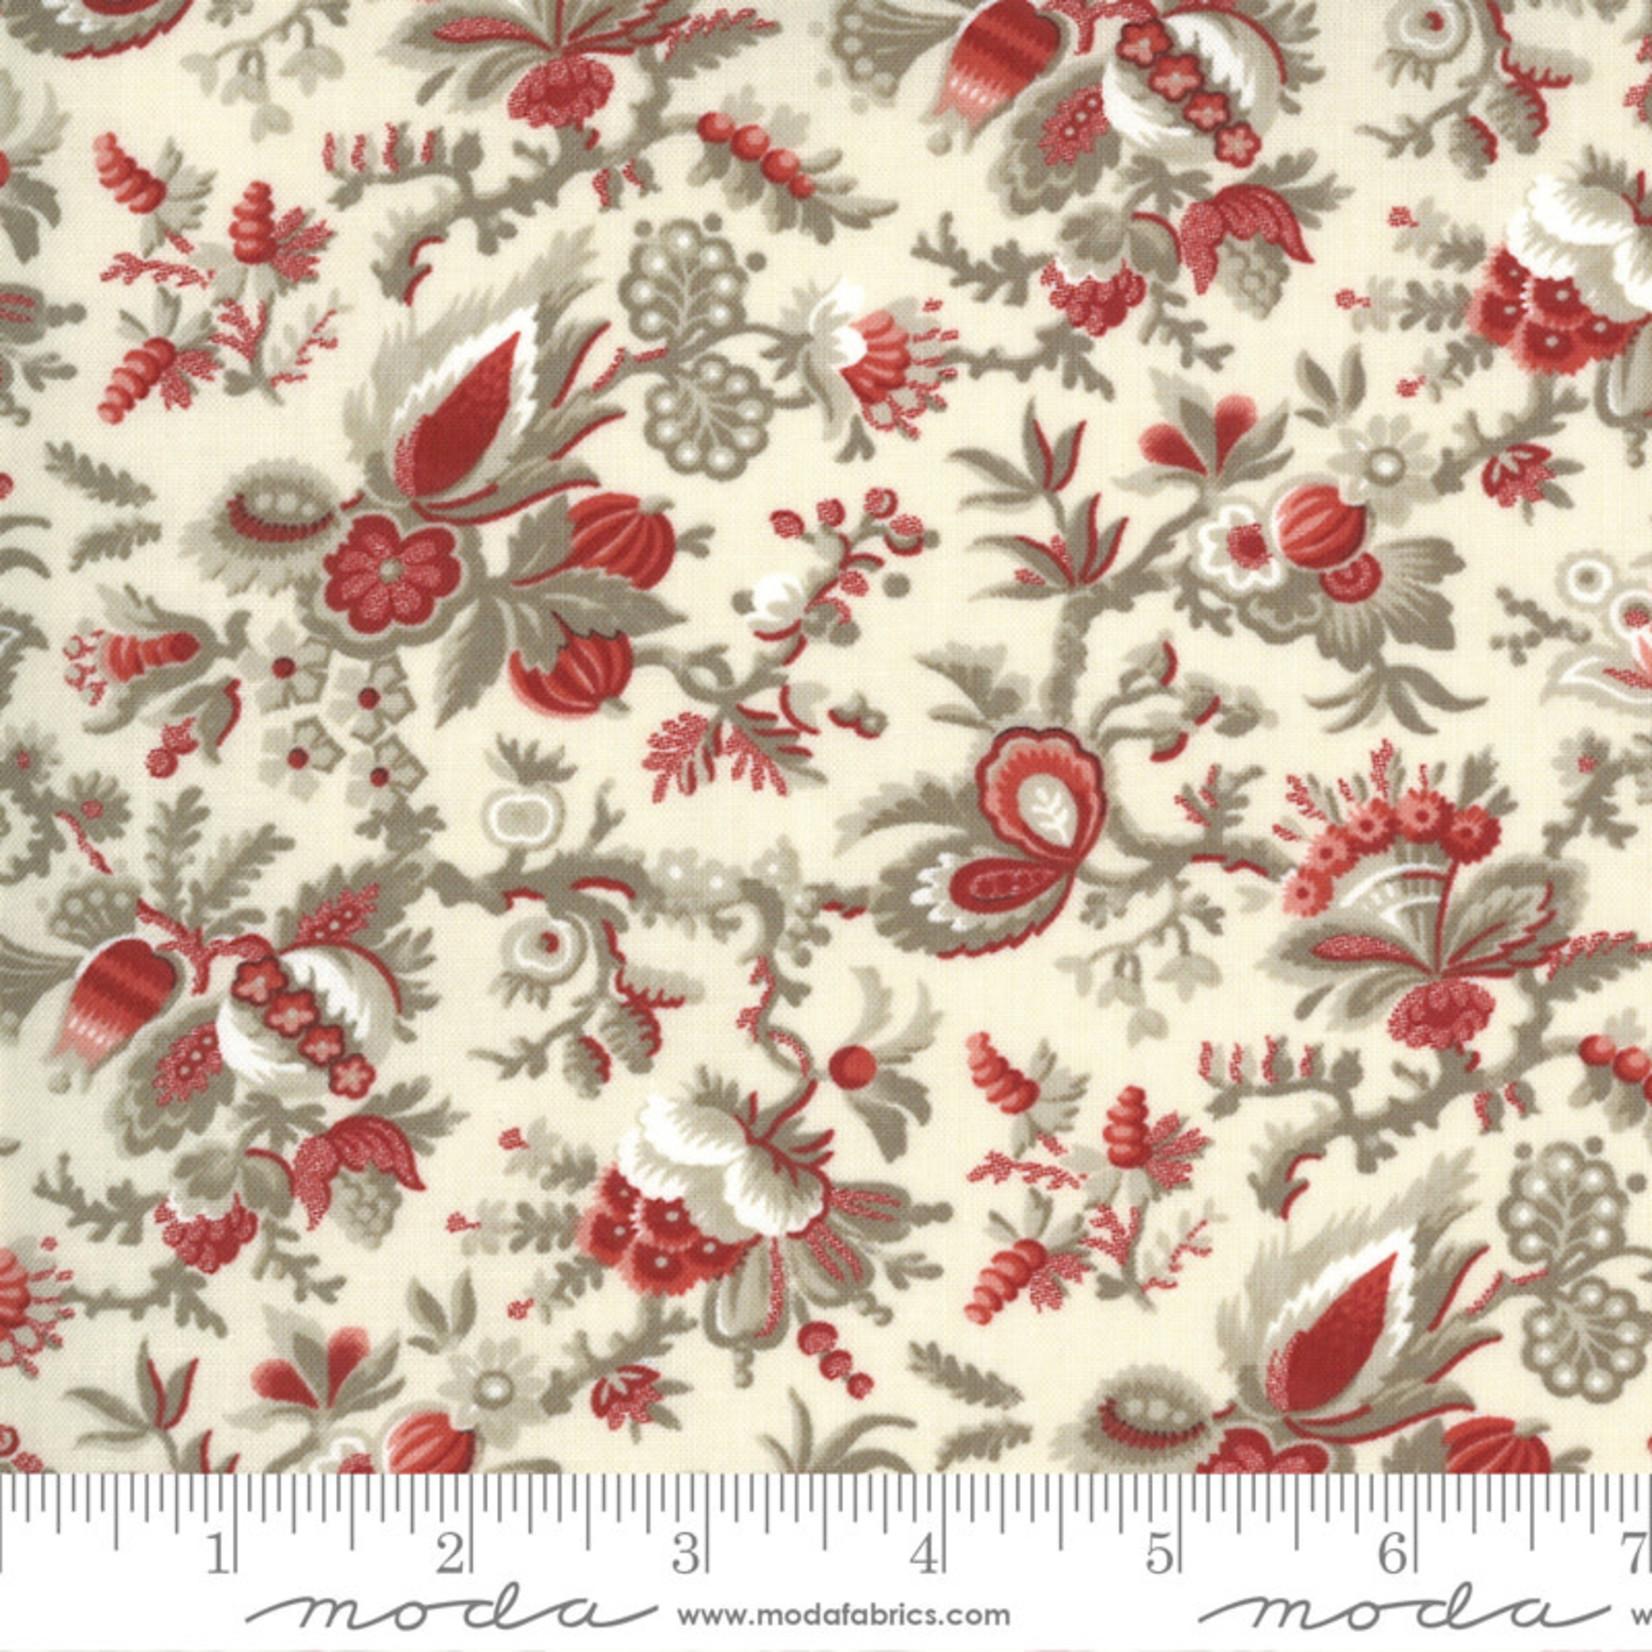 FRENCH GENERAL Jardins De Fleurs, Jardin Des Paradis, Pearl 13892-18 $0.20 per cm or $20/m